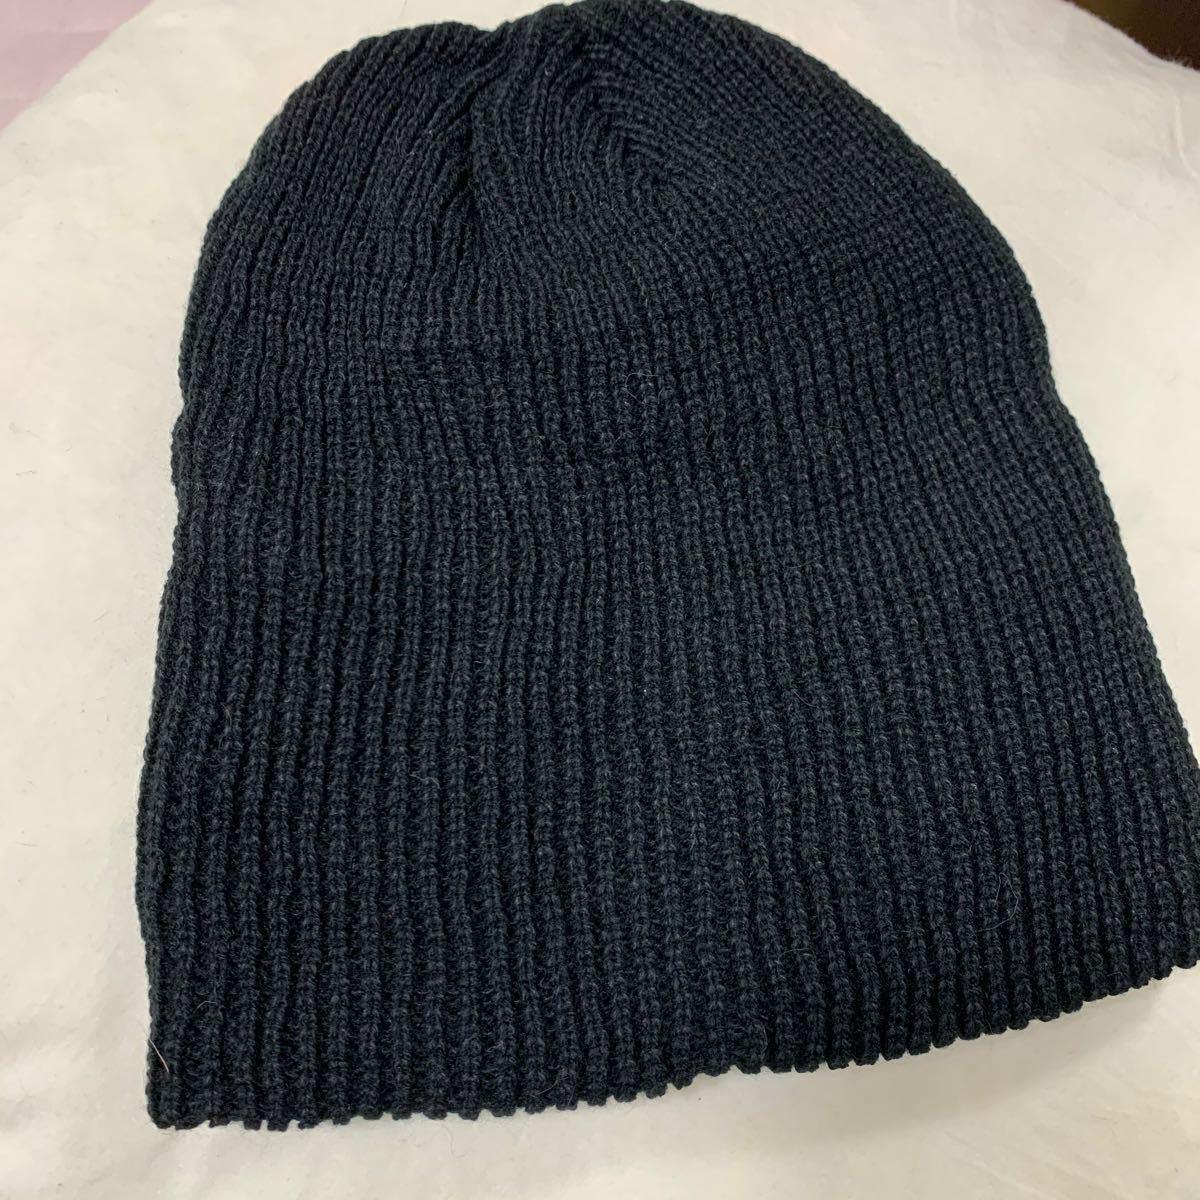 ニット帽 ビーニー ニットキャップ 秋冬 男女 ブラック